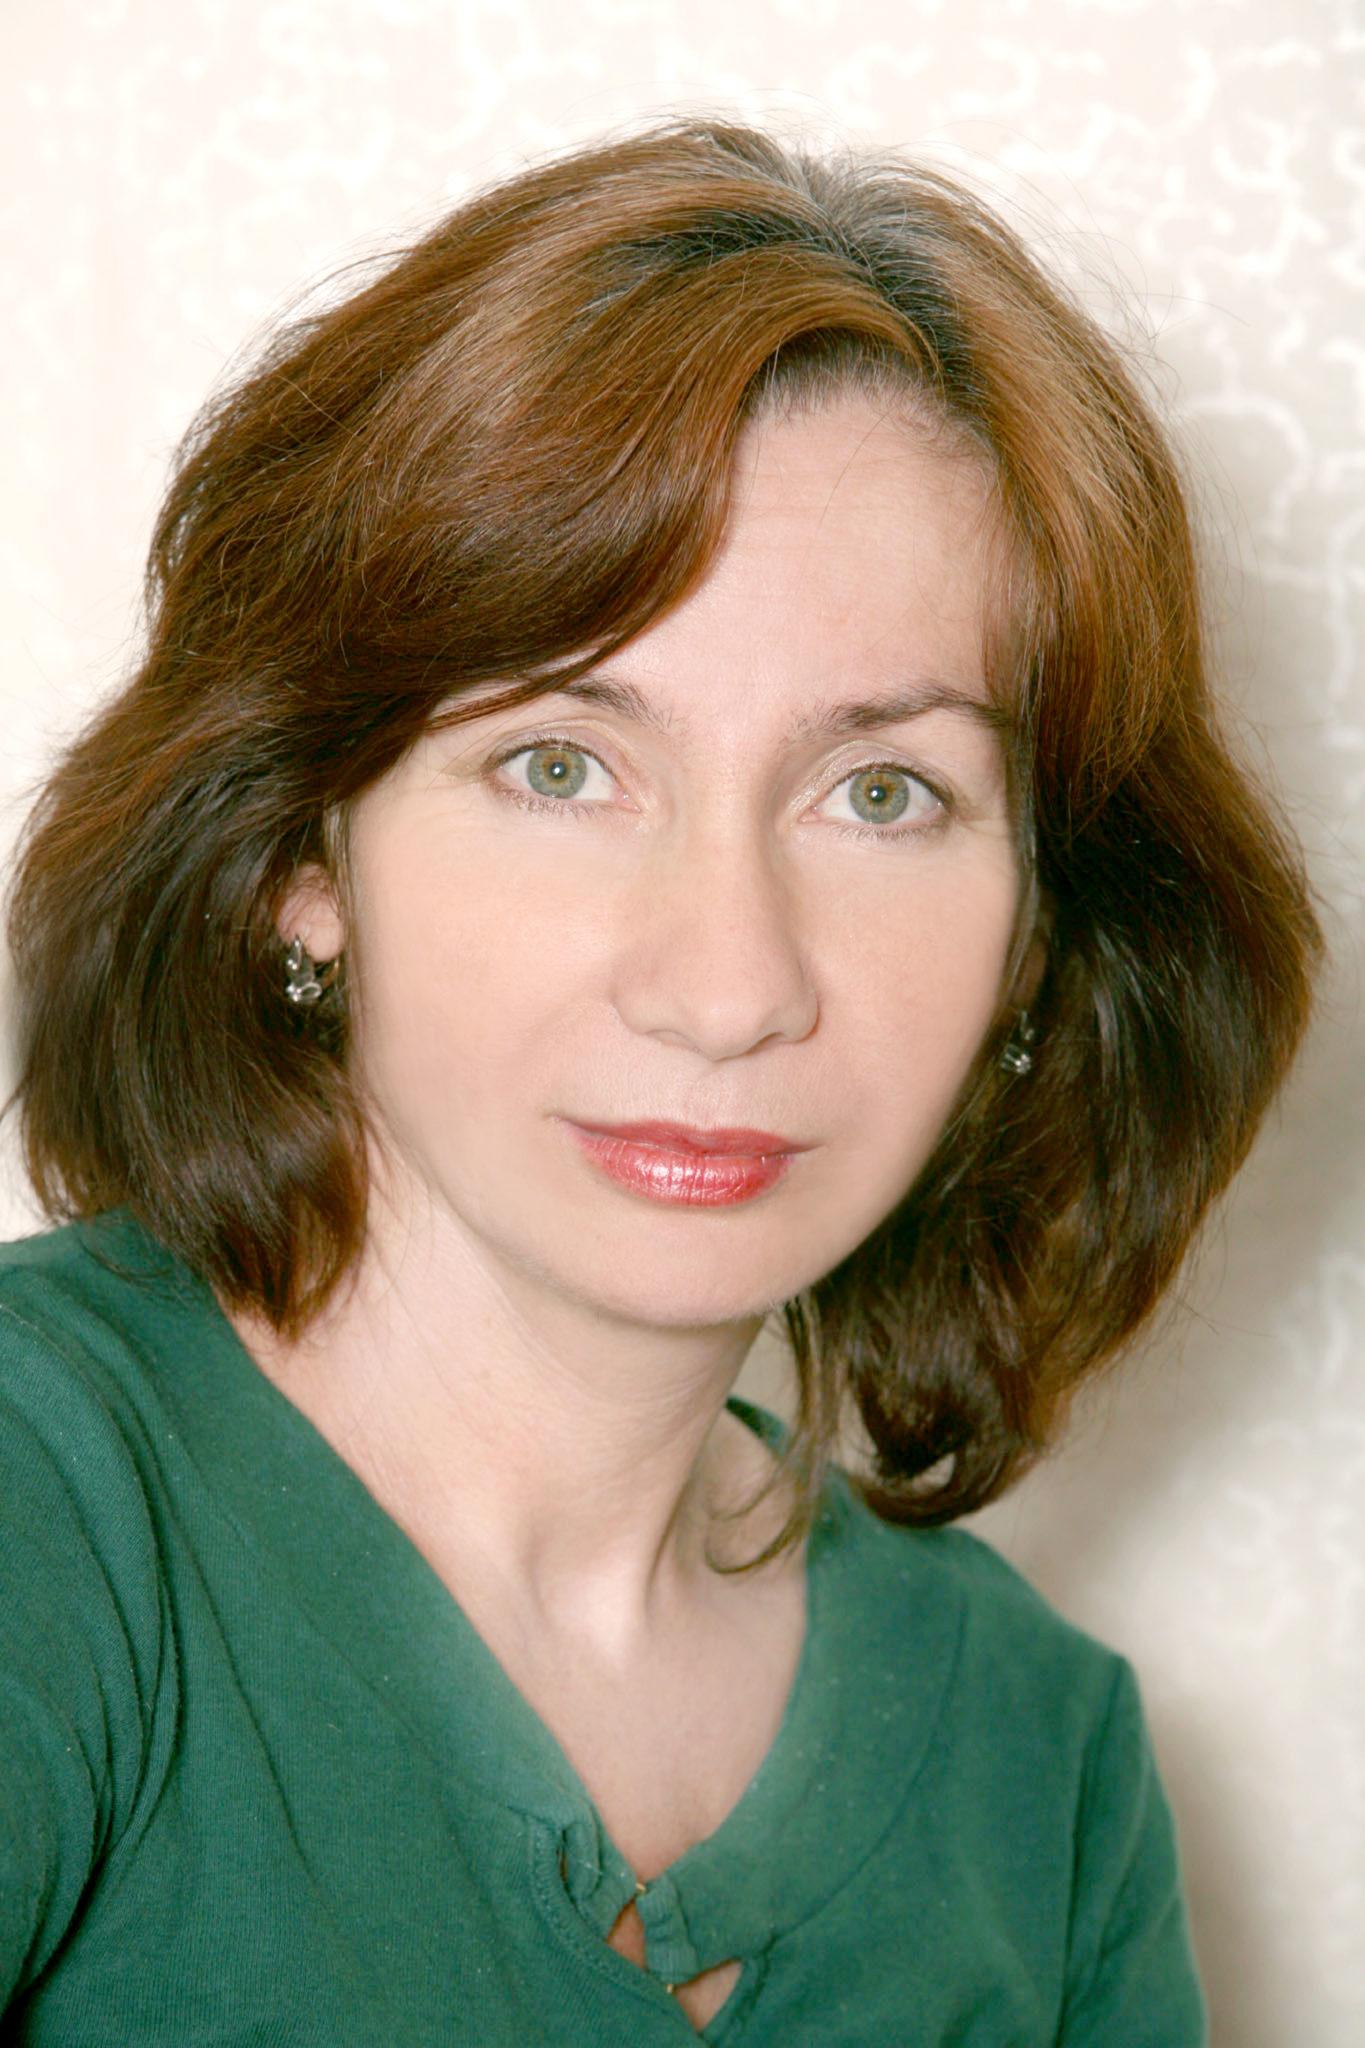 Russia: Effectively and impartially investigate the murder of Natalia Estemirova